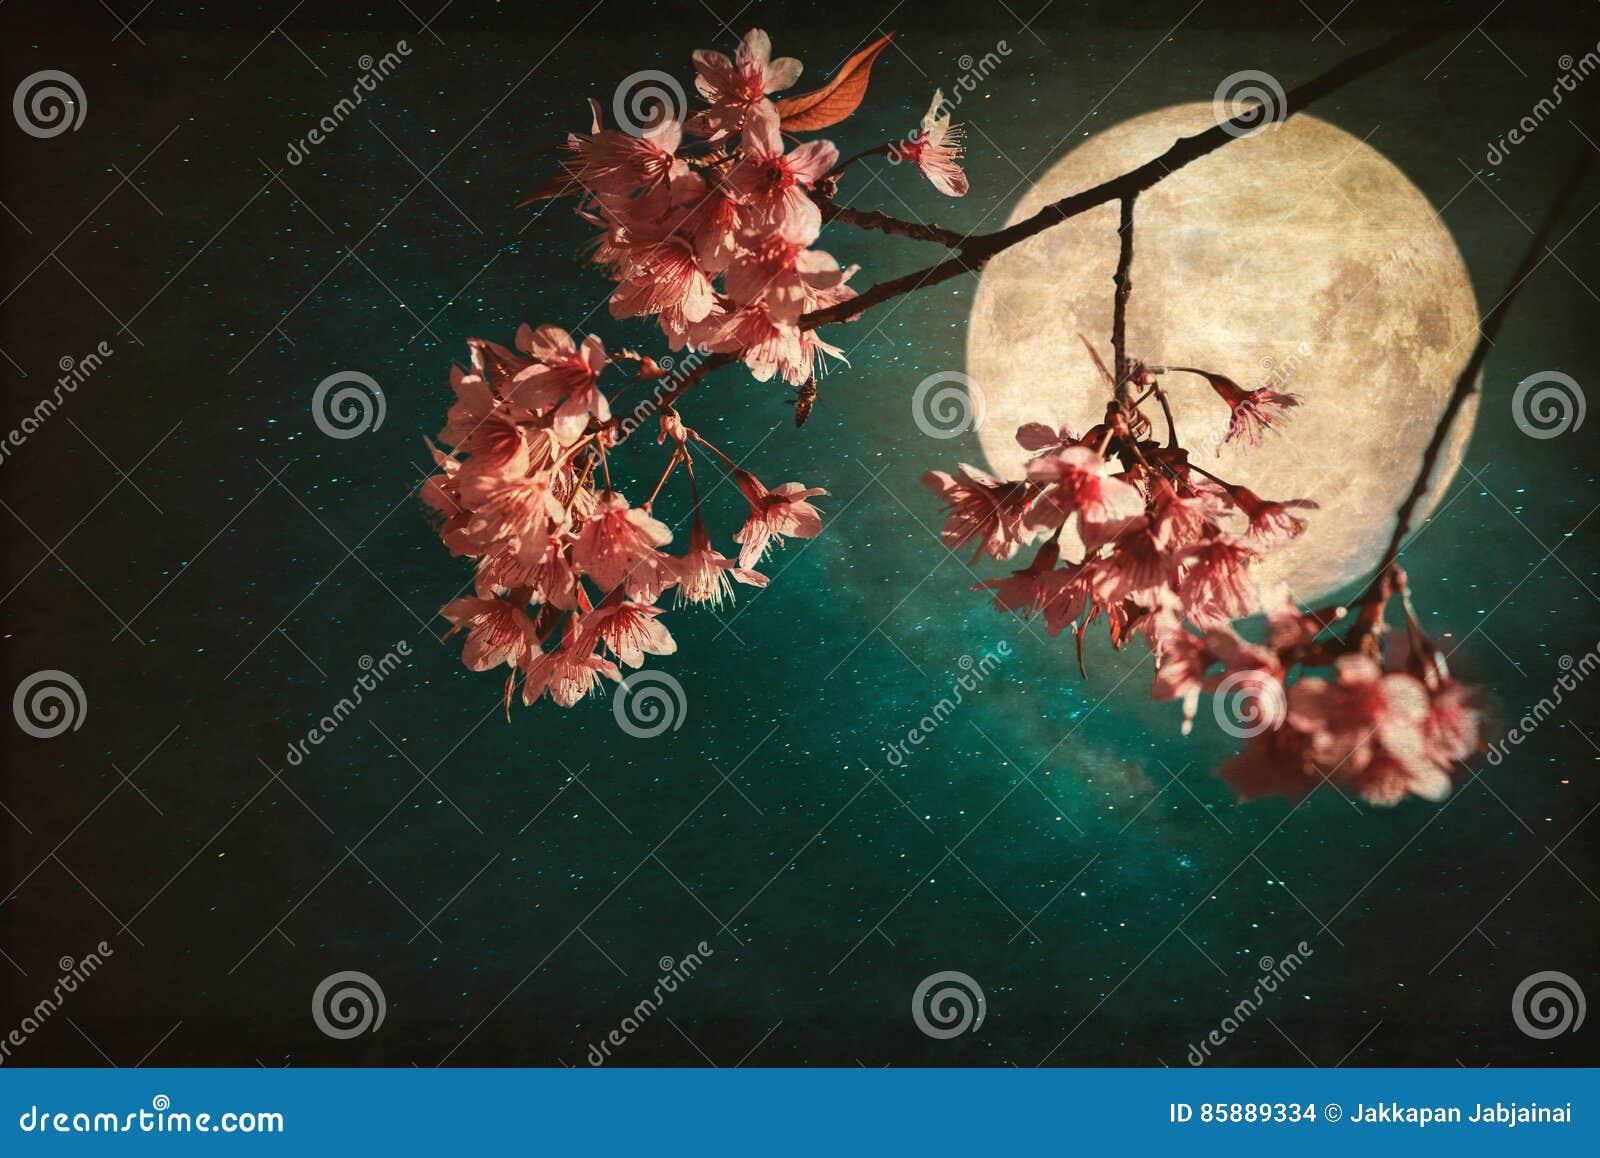 Les belles fleurs de cerisier roses Sakura fleurissent dans la nuit des cieux avec des étoiles de pleine lune et de manière laite